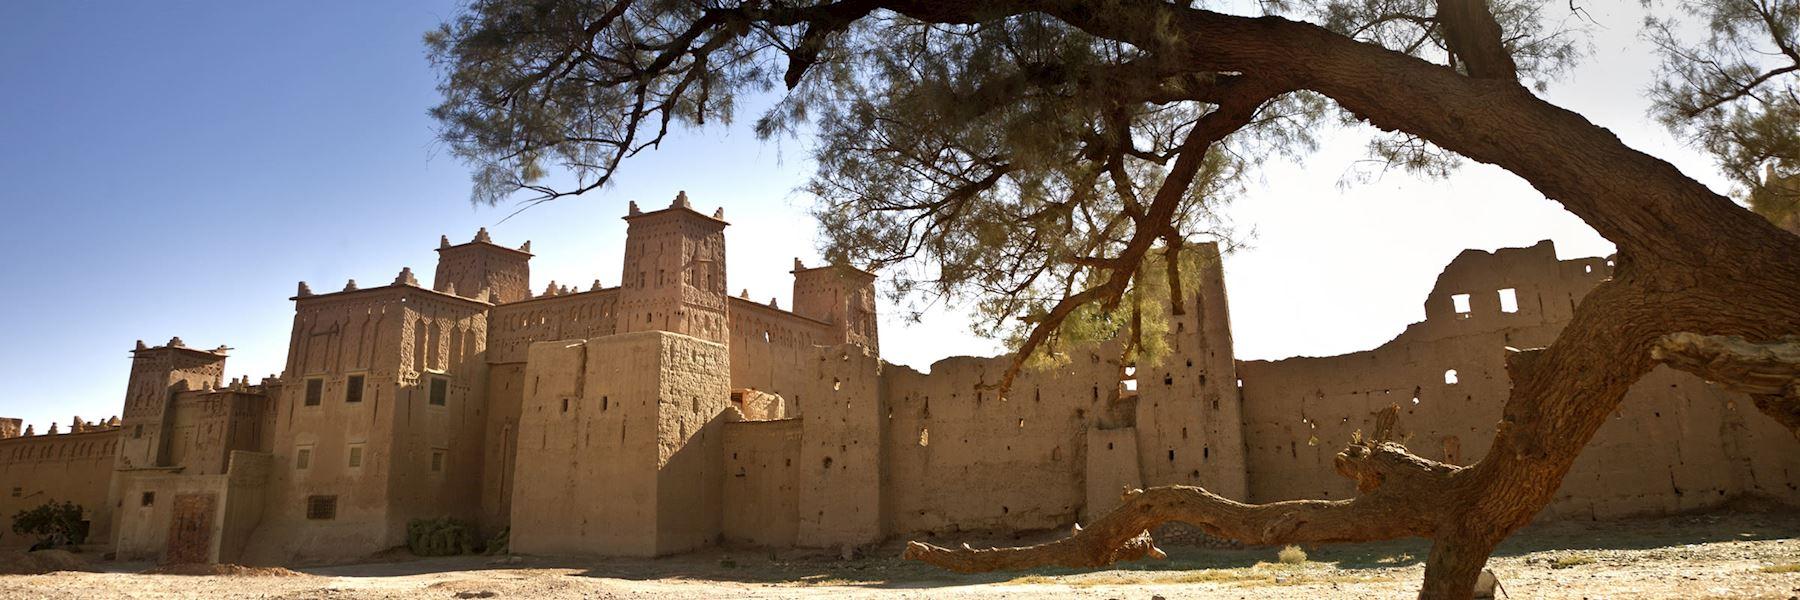 Visit Skoura, Morocco